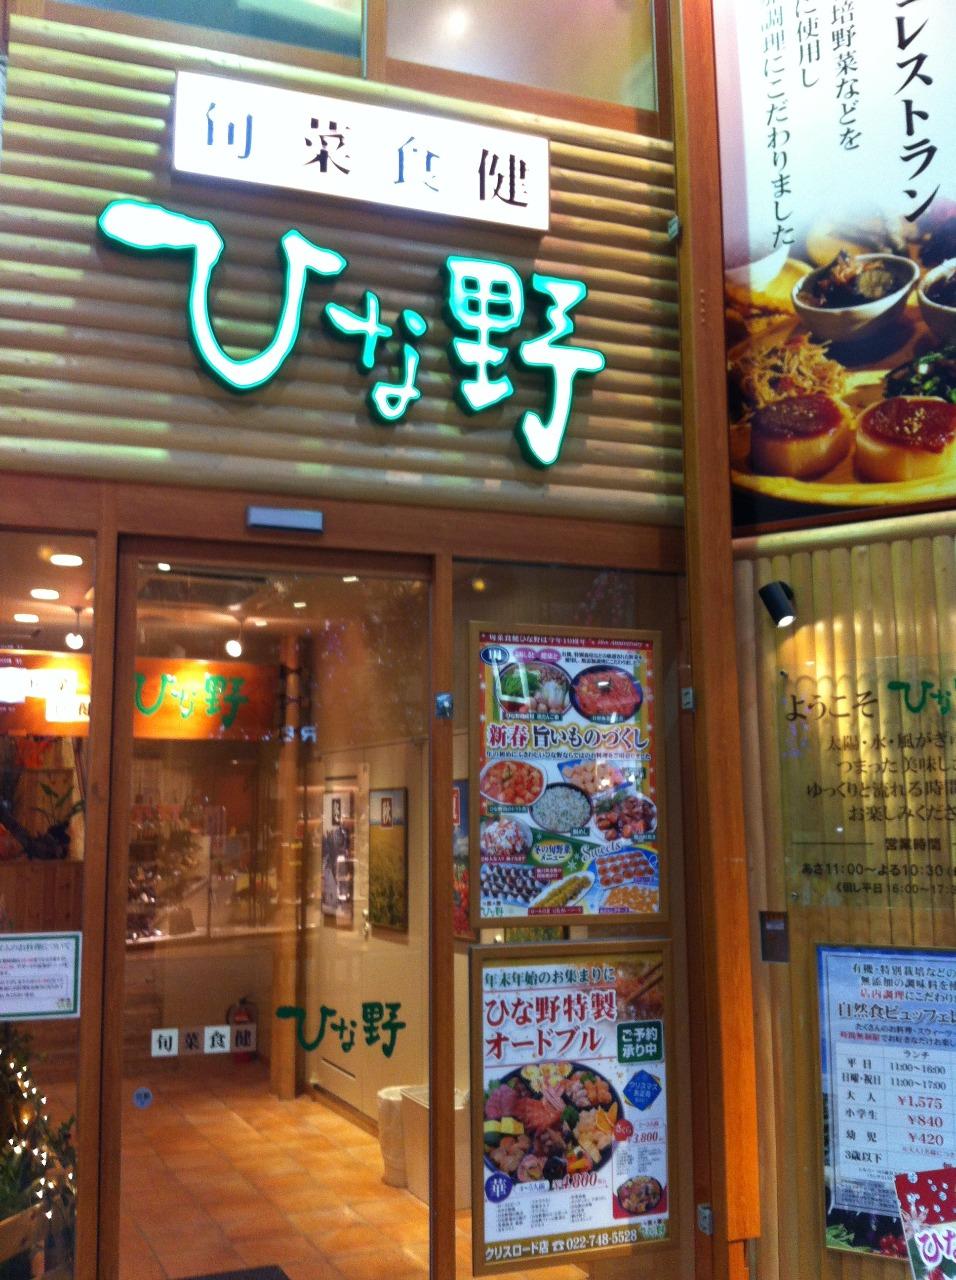 旬菜食健 ひな野 クリスロード店のイメージ写真